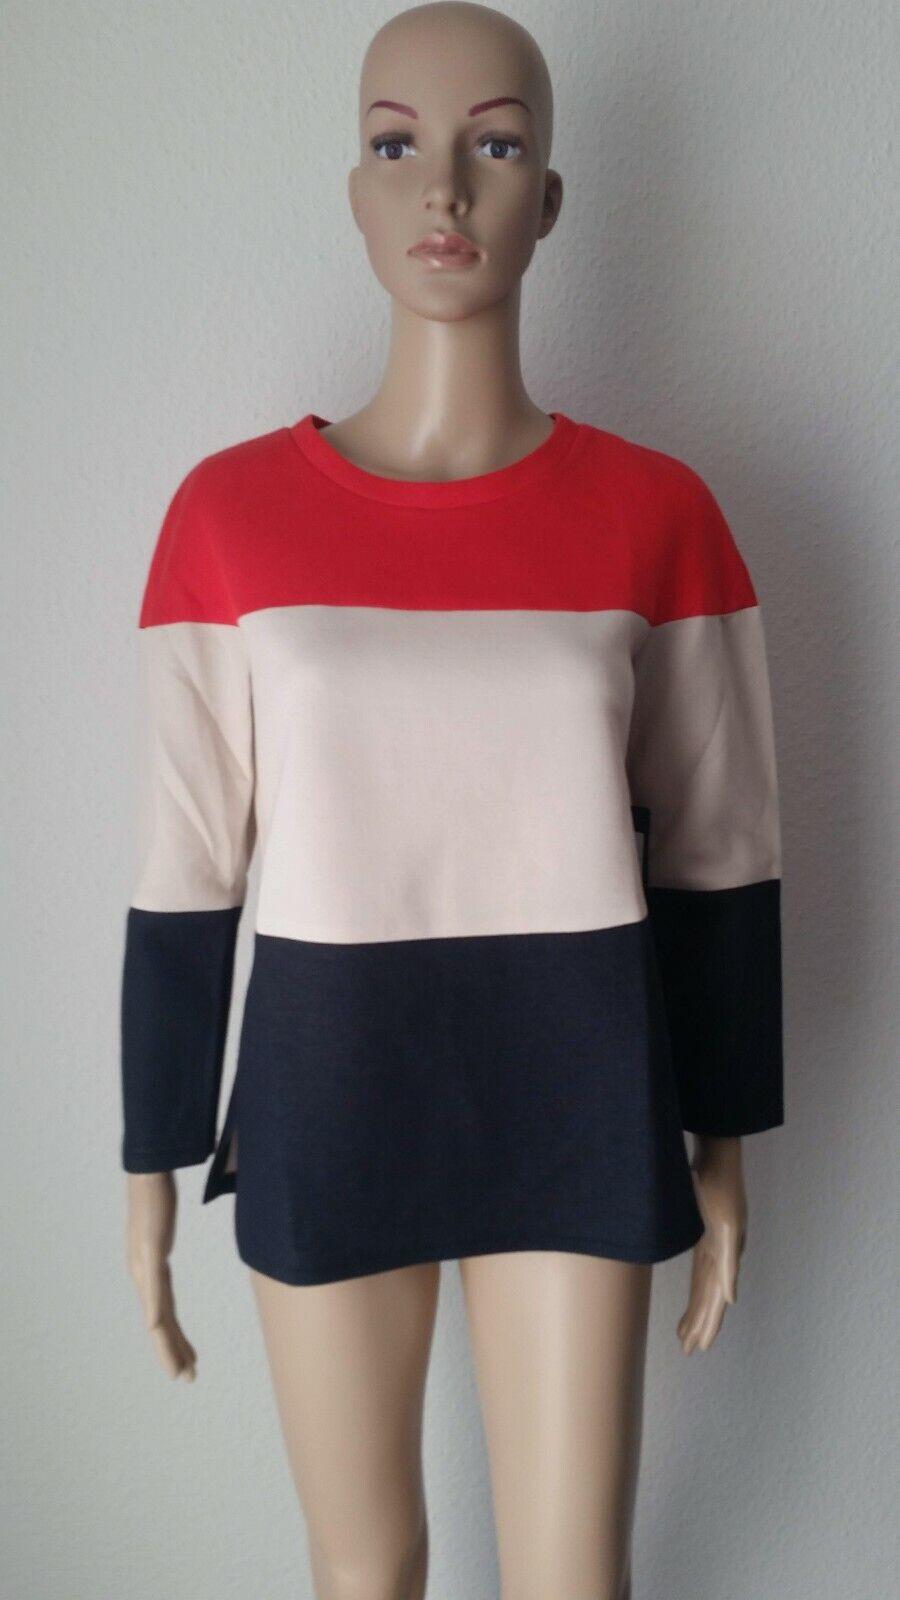 Riani  Sweatshirt, breite Streifen in rot - schwarz - weiß, Größe 34